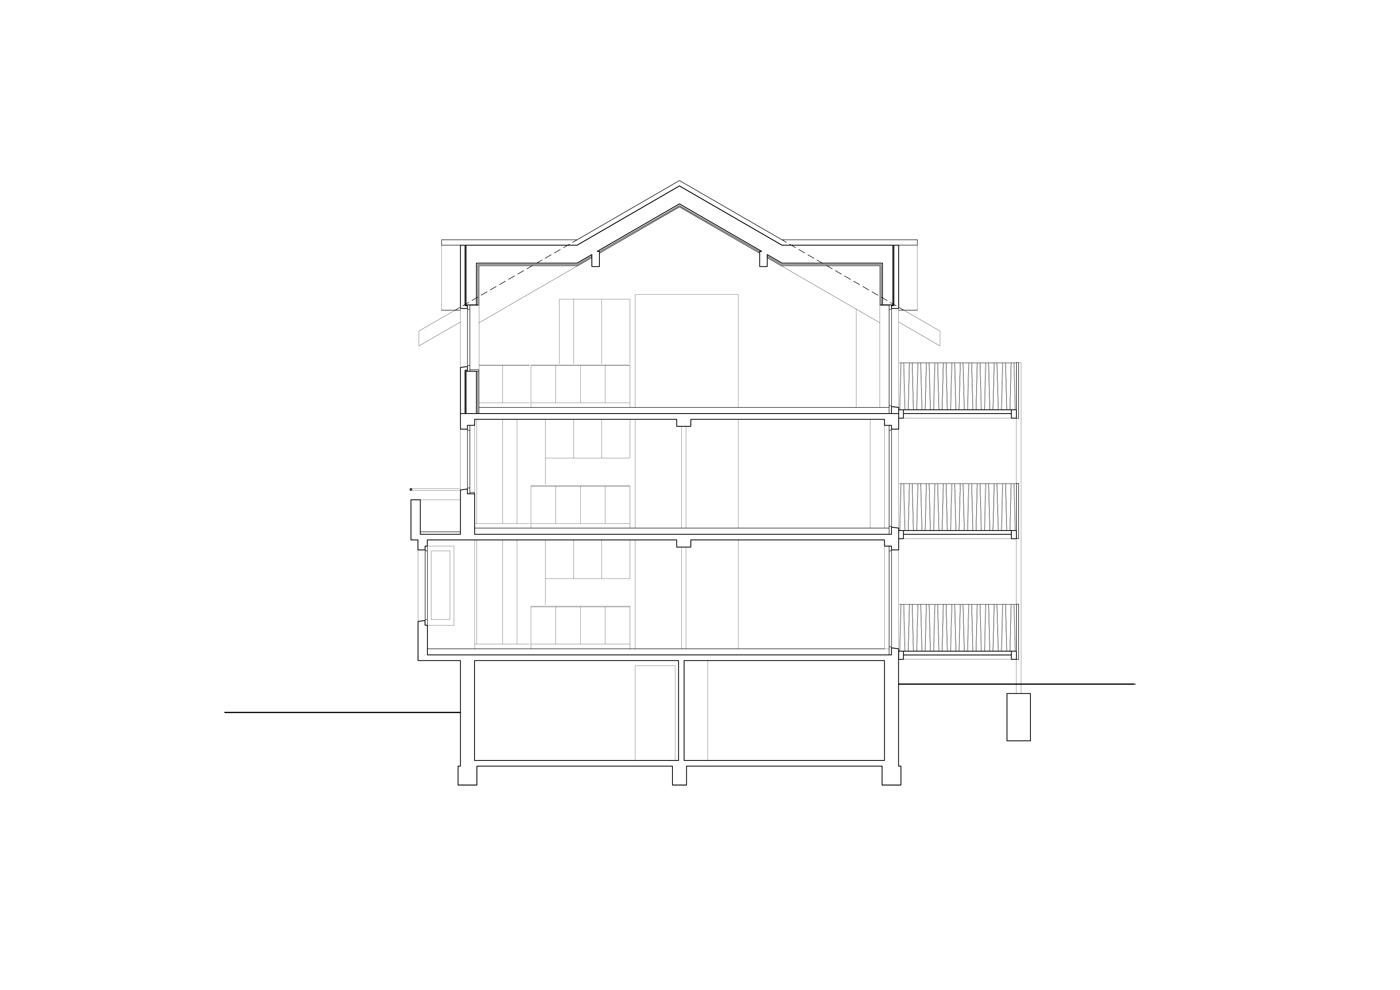 buan architekten – Wohnhaus Langensandstrasse Luzern – Schnitt